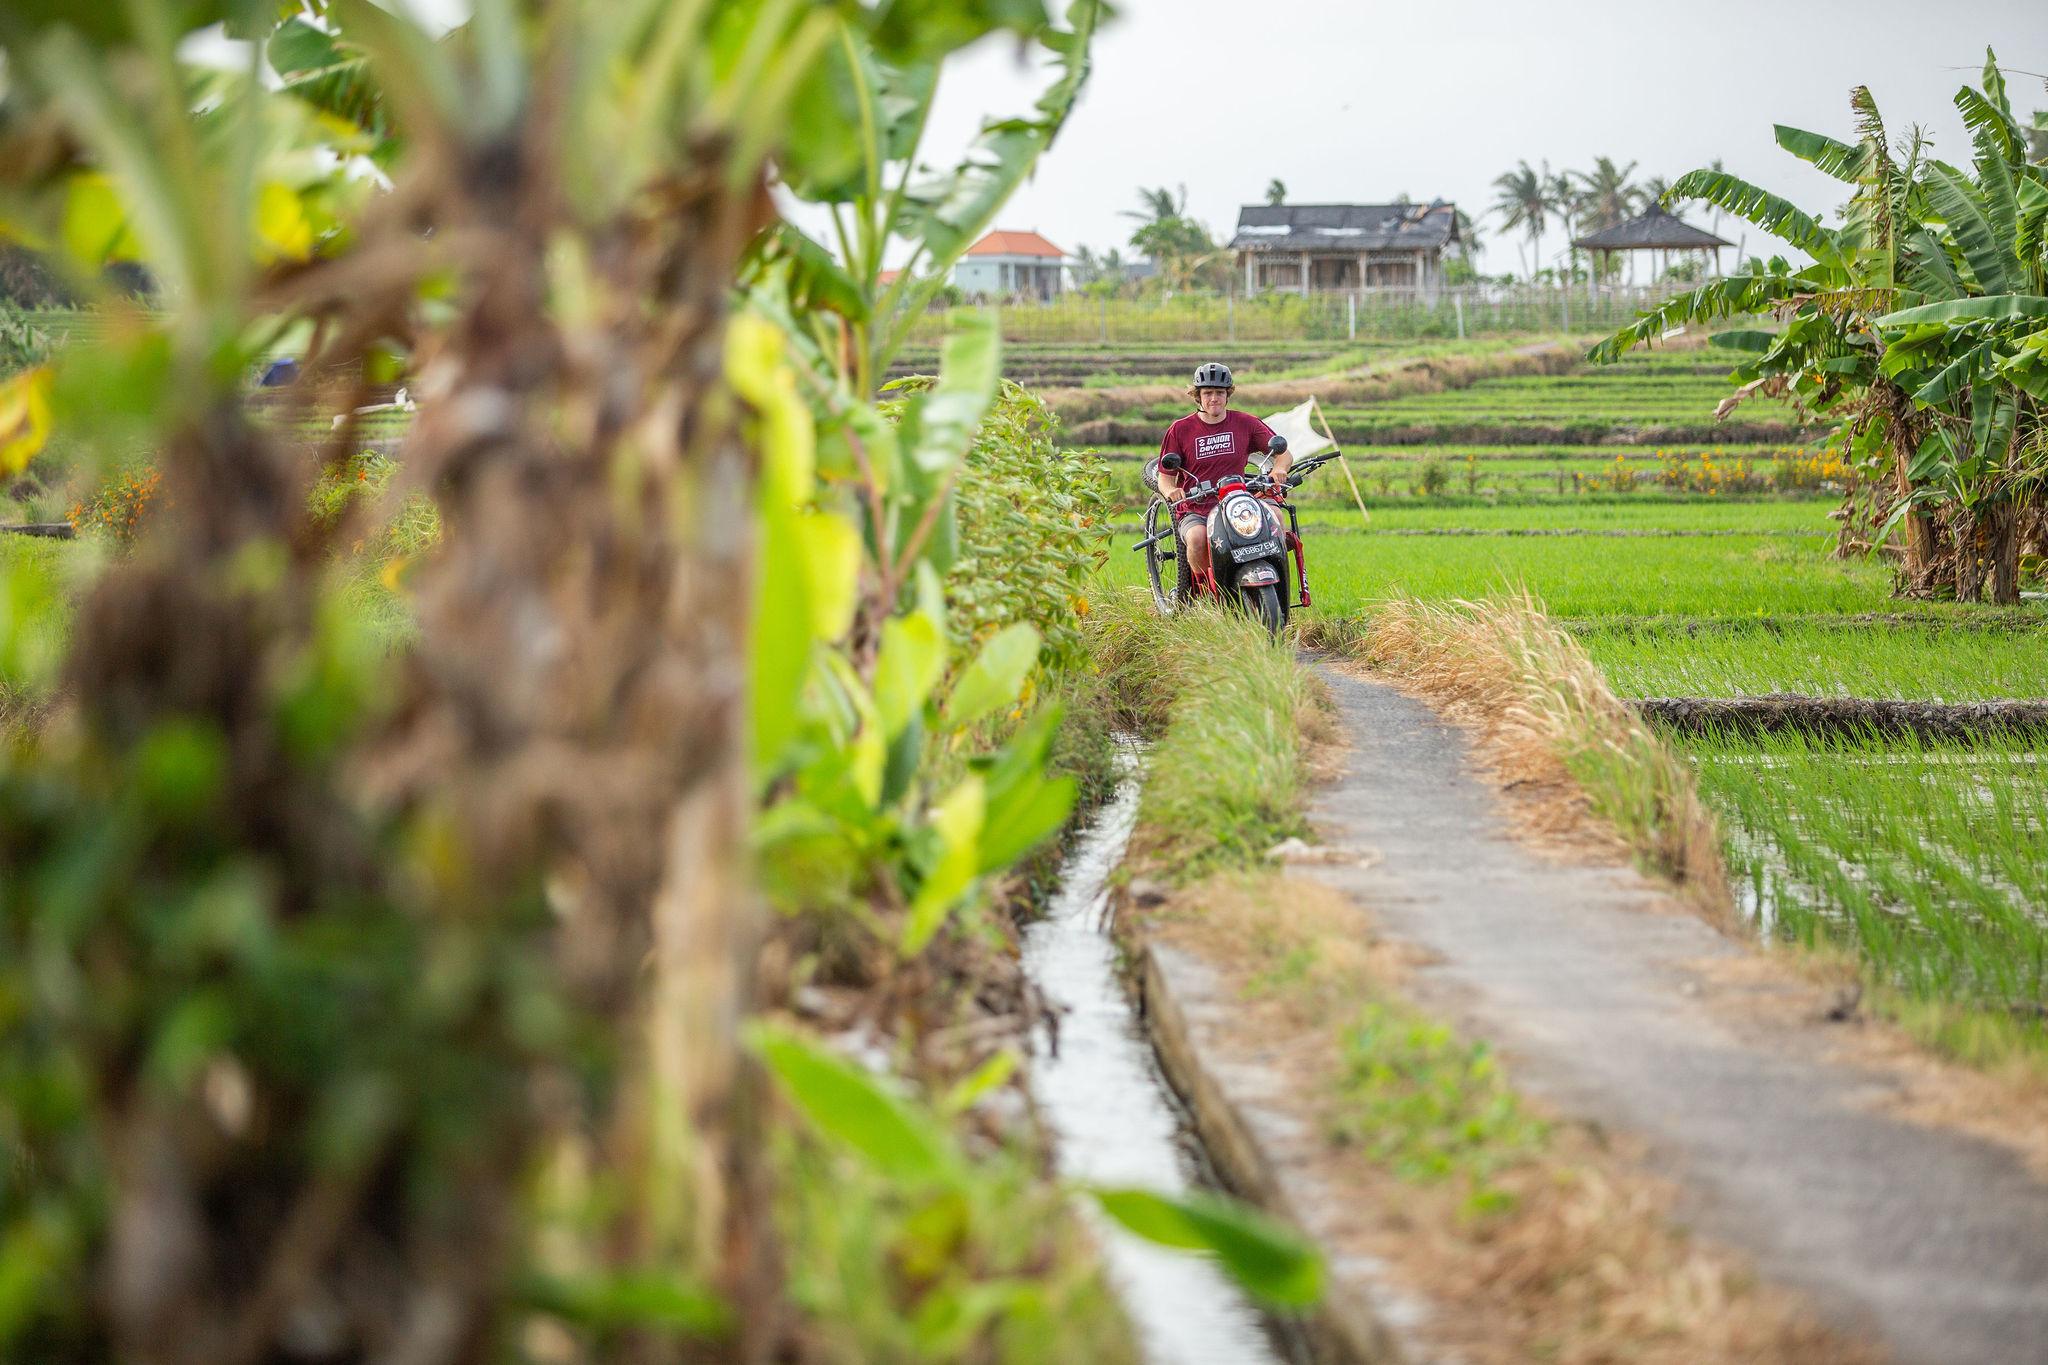 TheWrightLine-Bali-Stills-23-2048x1365-3e022da4-f595-43a8-8815-fd3a14068e06.jpg